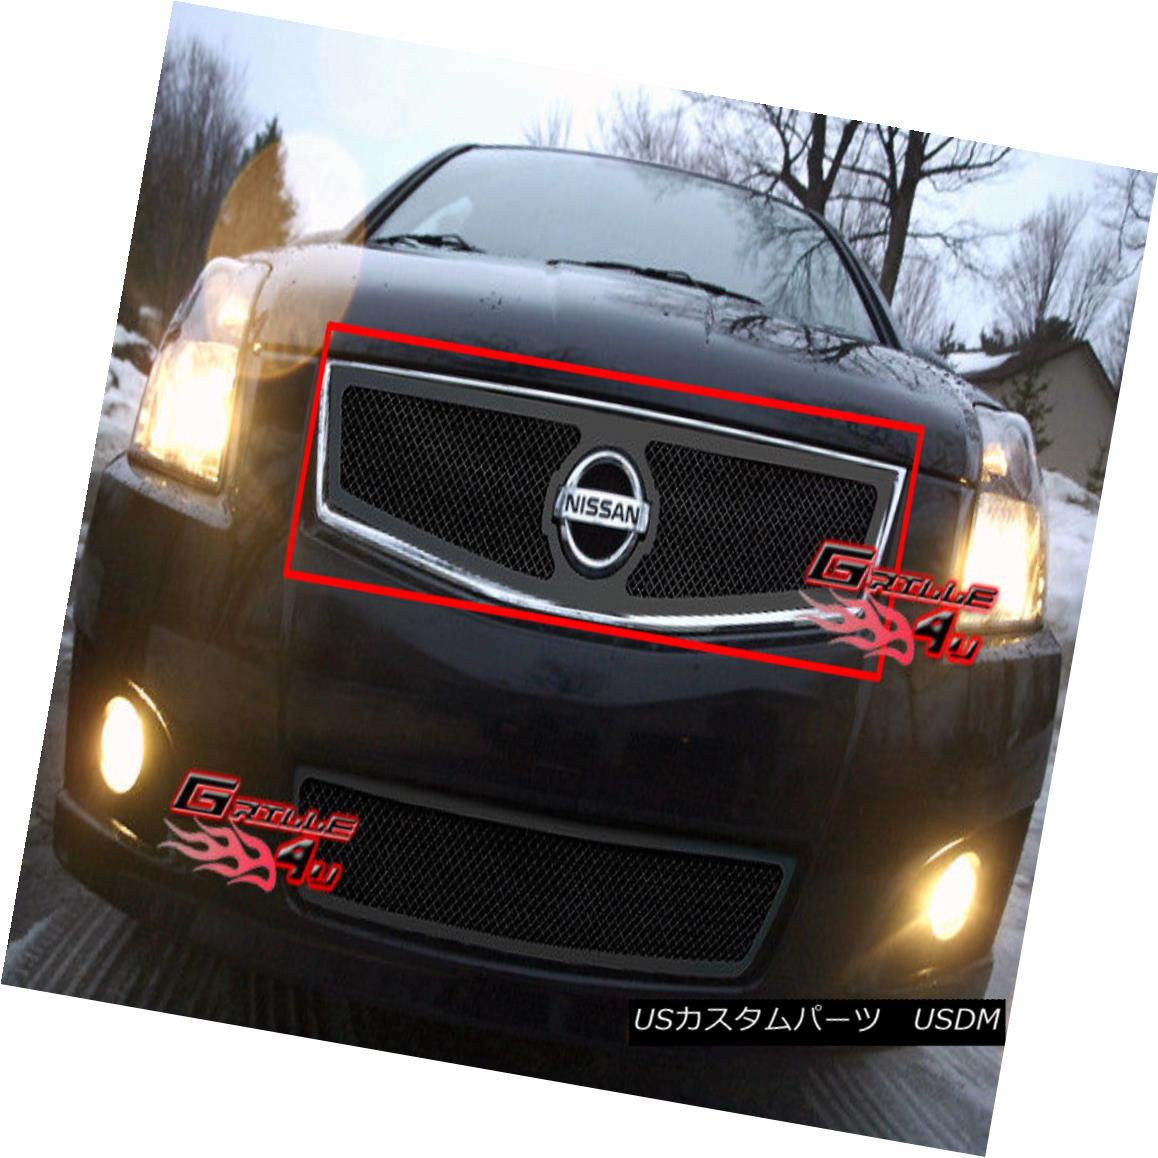 グリル For 07-10 Nissan Sentra Black Mesh Grille Insert 07-10 Nissan Sentra Black Mesh Grilleインサート用